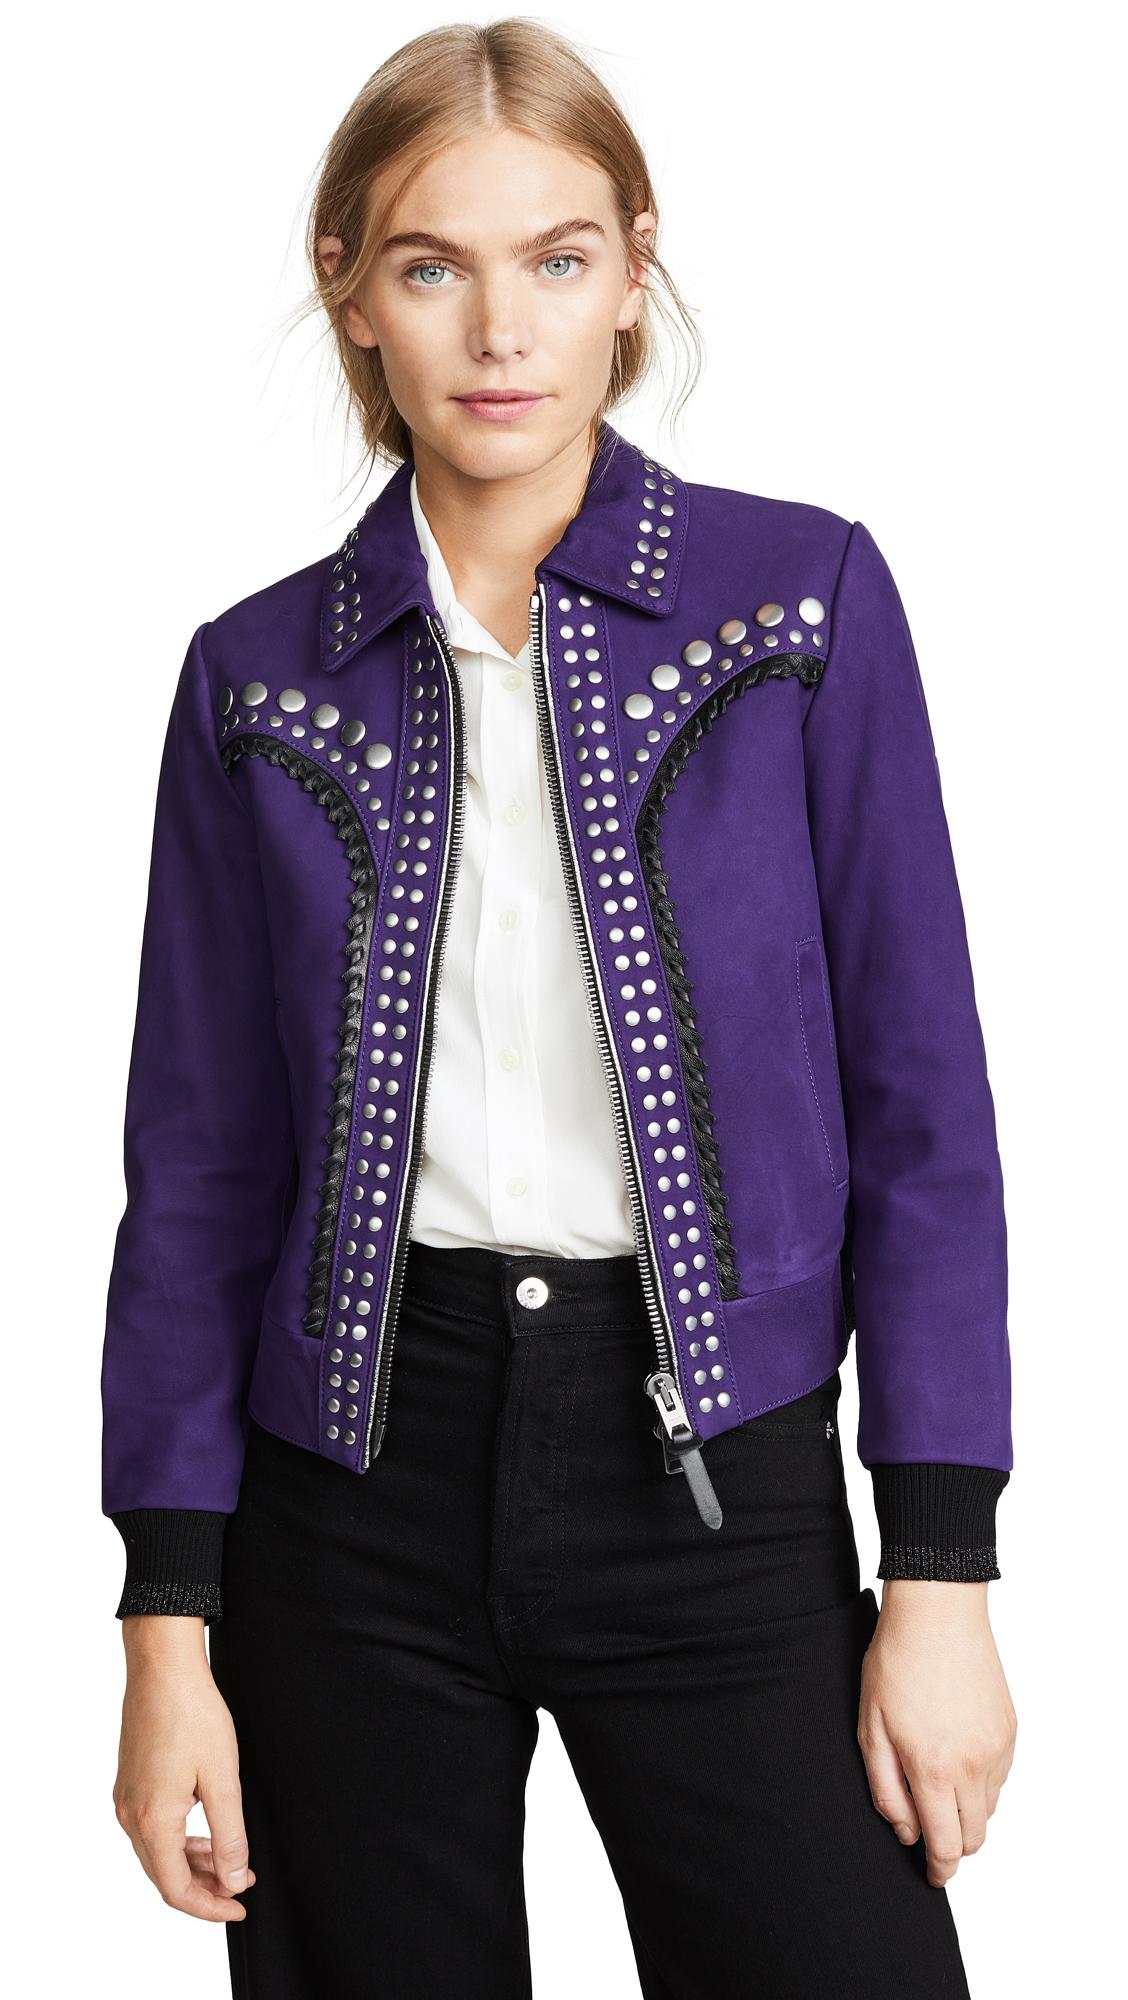 Coach 1941 Studded Bandana Jacket